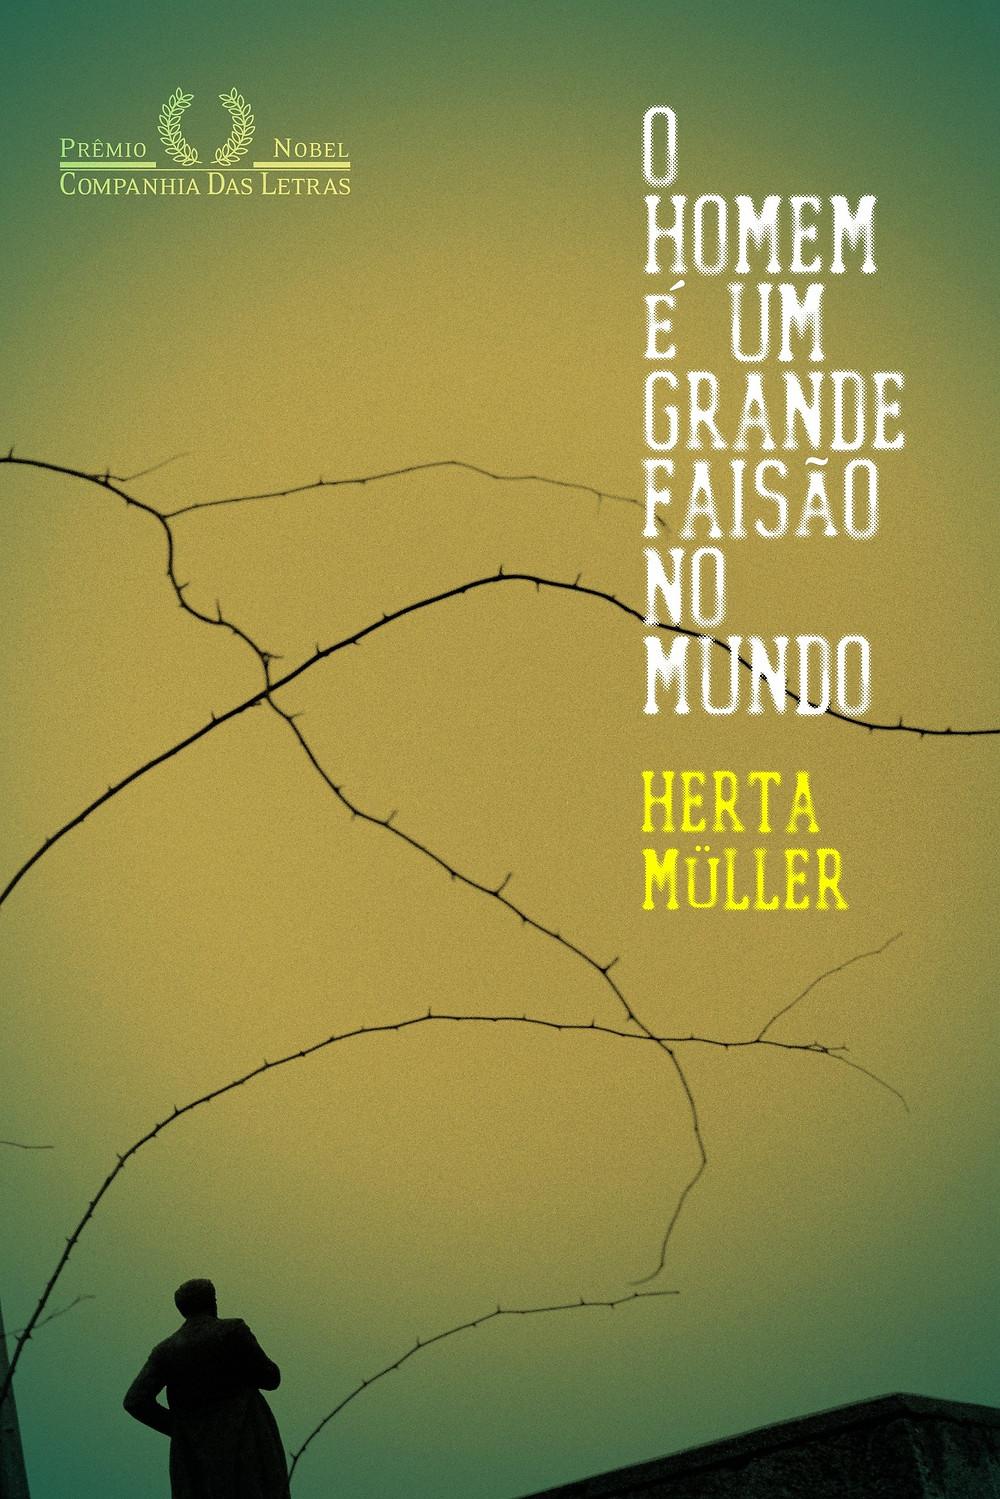 O Homem é um Grande Faisão no Mundo de Herta Müller